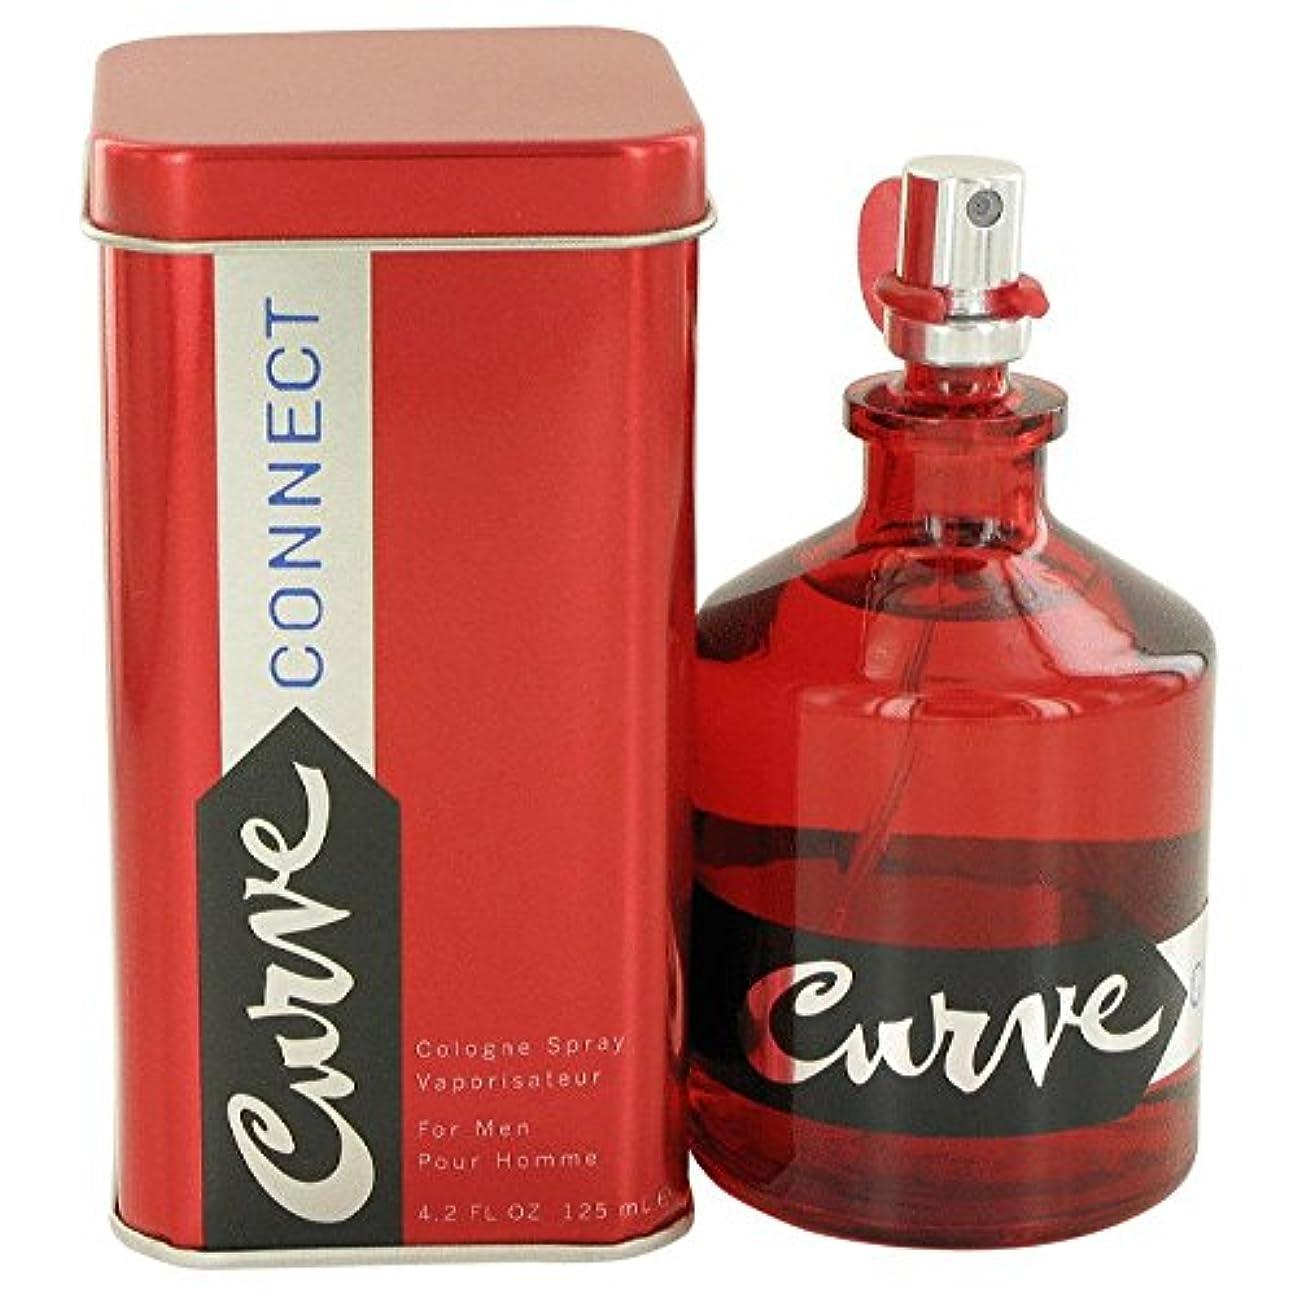 隠された識別震えLiz Claiborne Curve Connect for Men 125ml/4.2oz Eau De Cologne Spray Fragrance